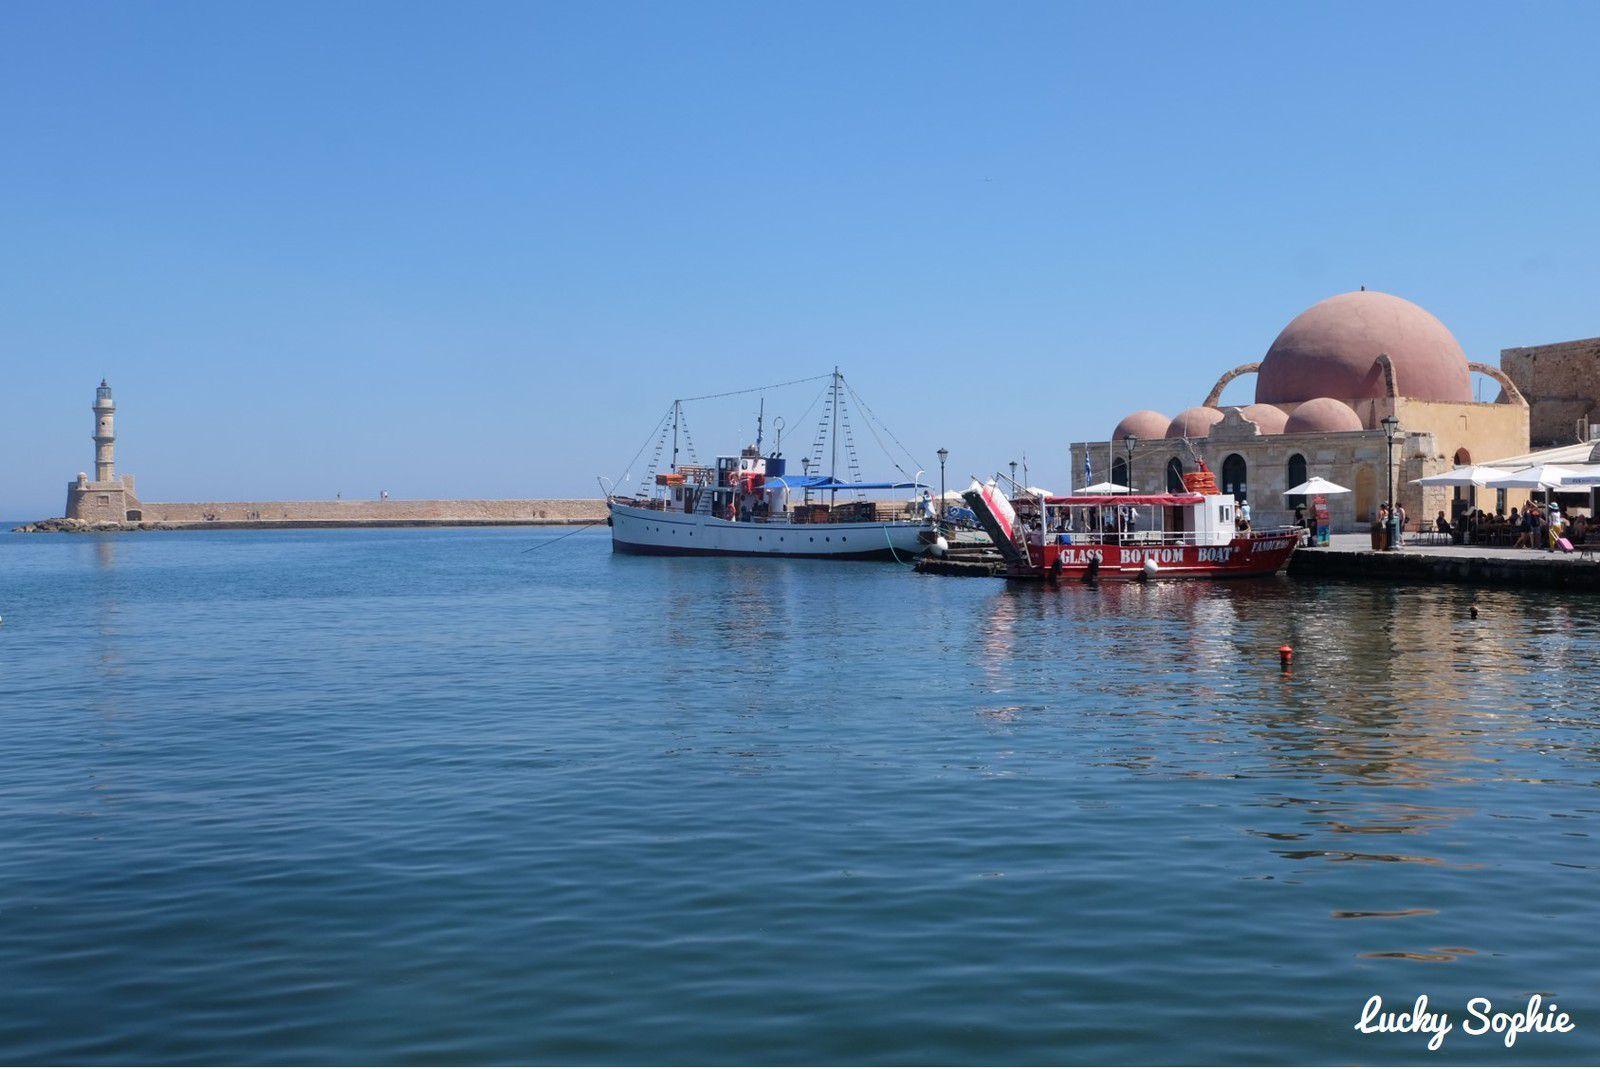 La mosquée des Janissaires, aux dômes rose pâle, est la plus ancienne mosquée de la Crête. Elle est aujourd'hui fermée au culte et abrite des expositions.